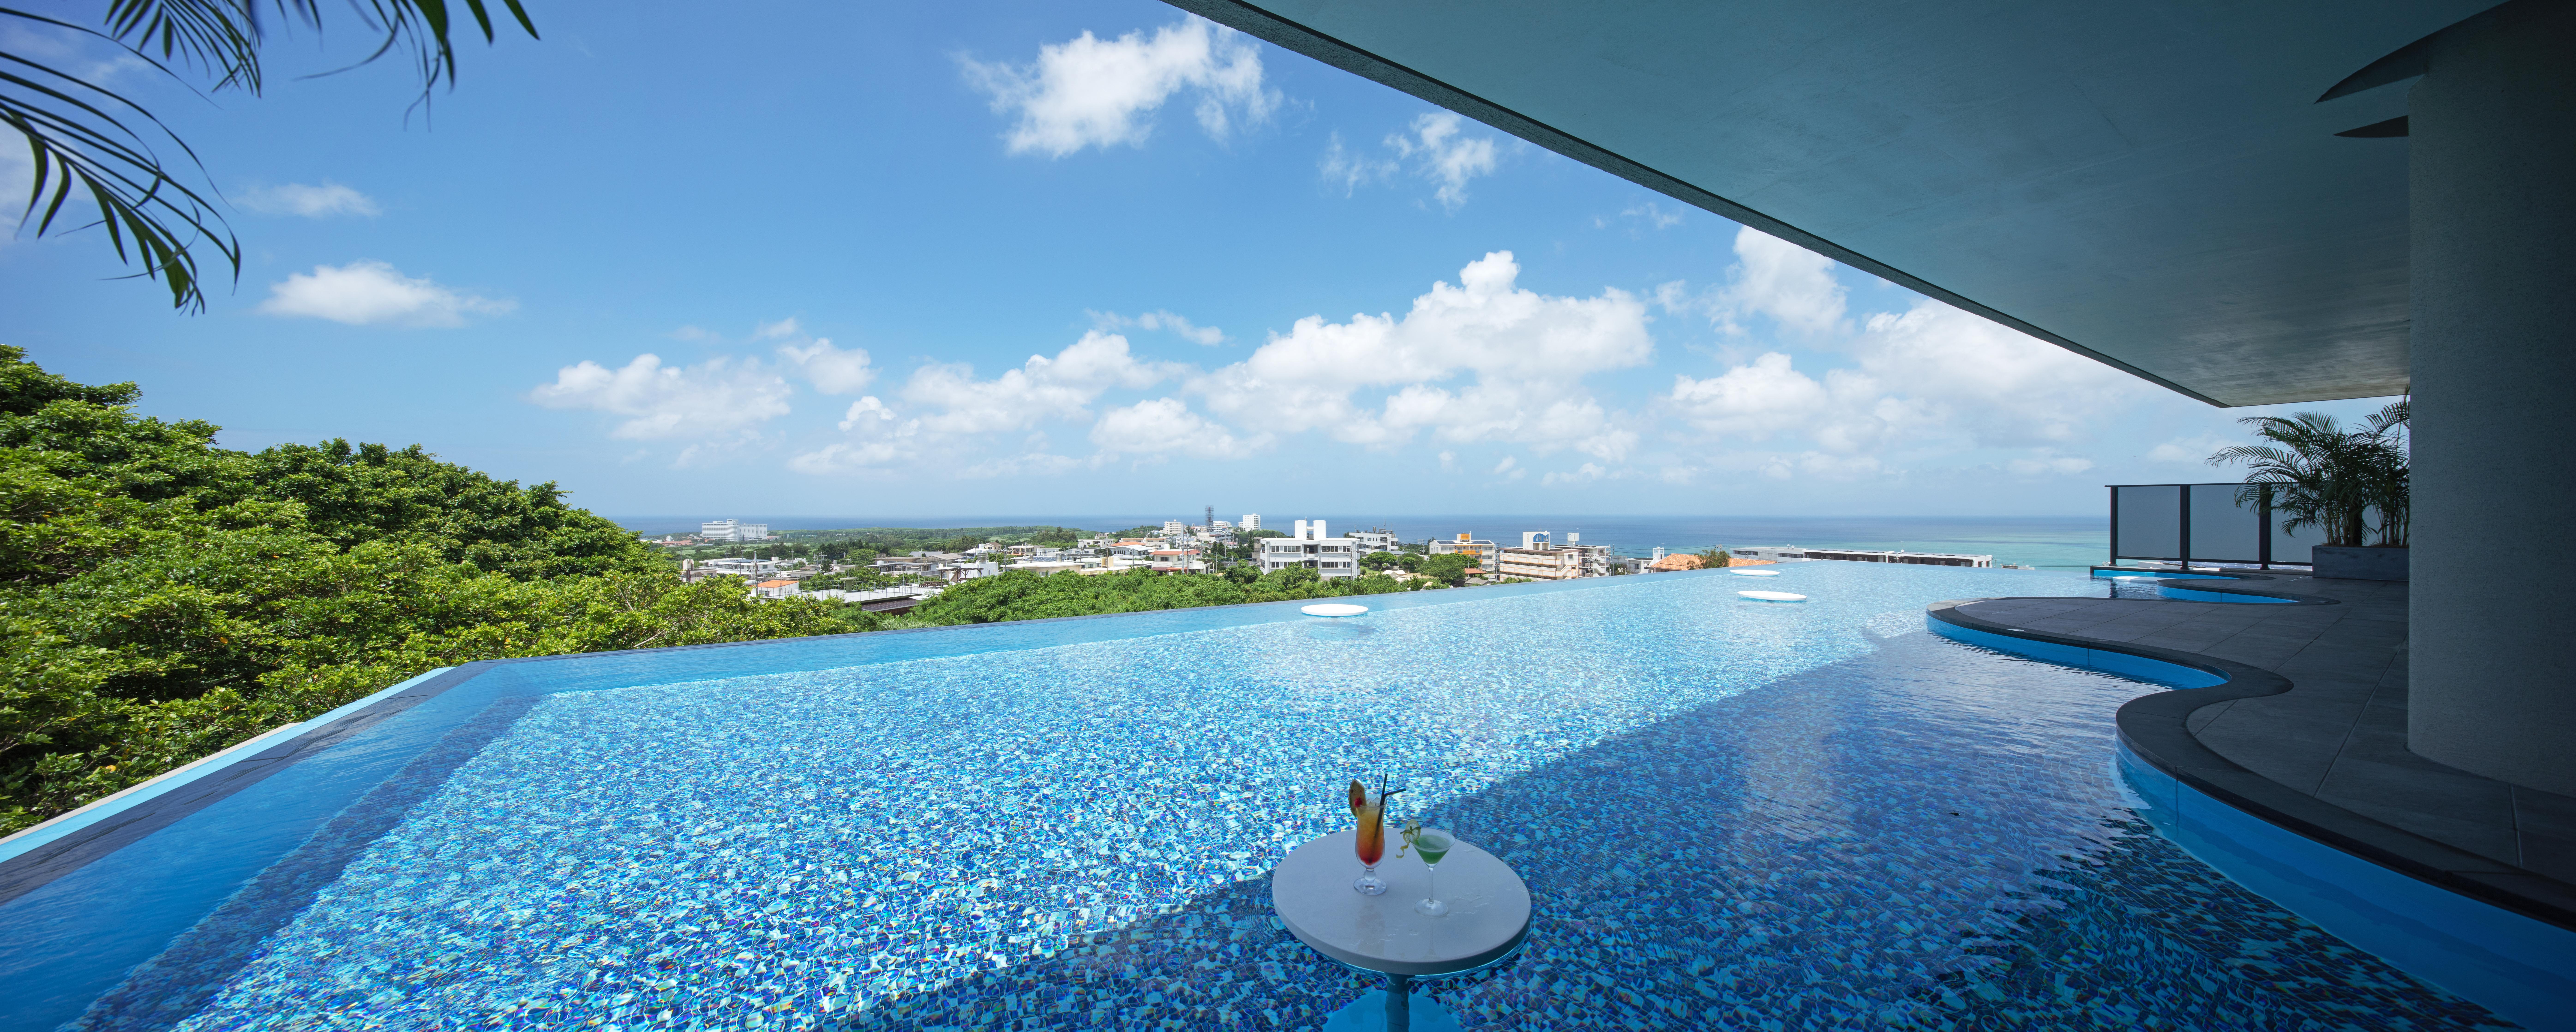 「大人が楽しむリゾート」グランディスタイル沖縄読谷ホテルをご紹介!